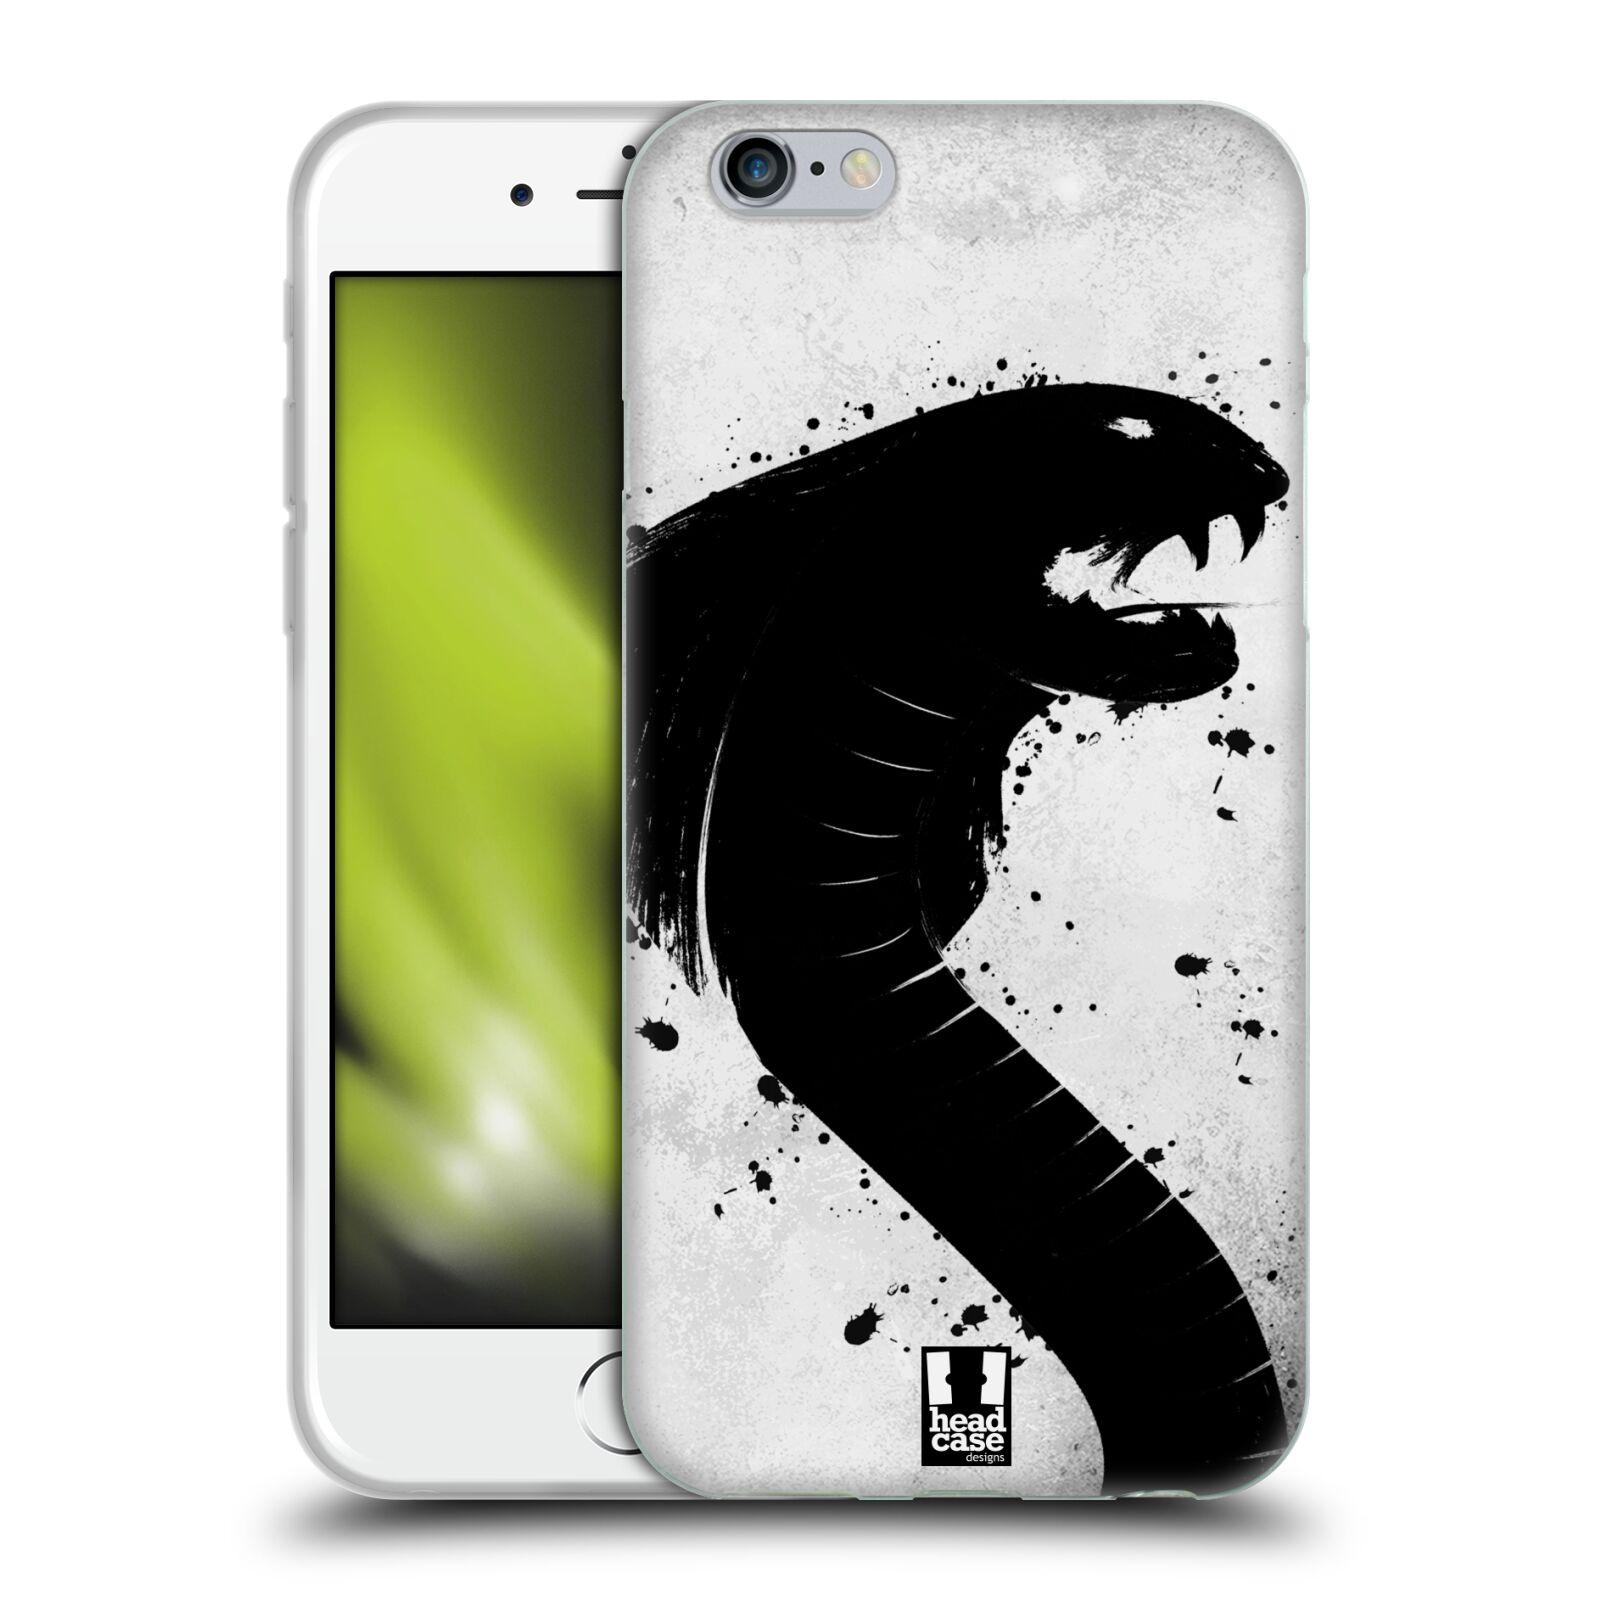 HEAD CASE silikonový obal na mobil Apple Iphone 6/6S vzor Kresba tuš zvíře had kobra